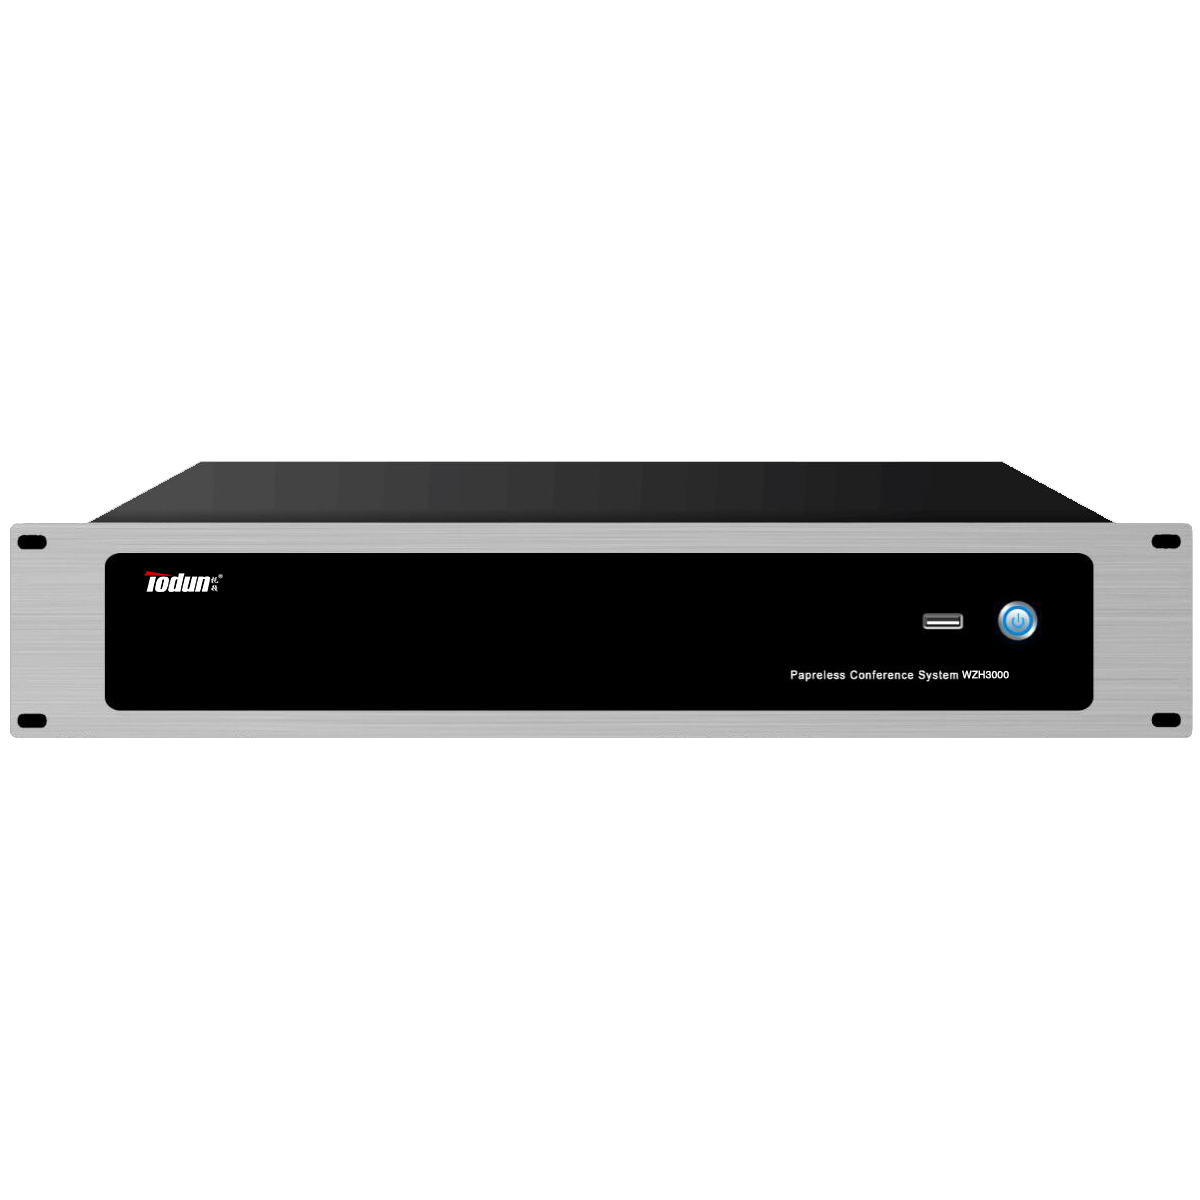 托顿WZH3000 无纸化会议系统 无纸化会议管理服务器